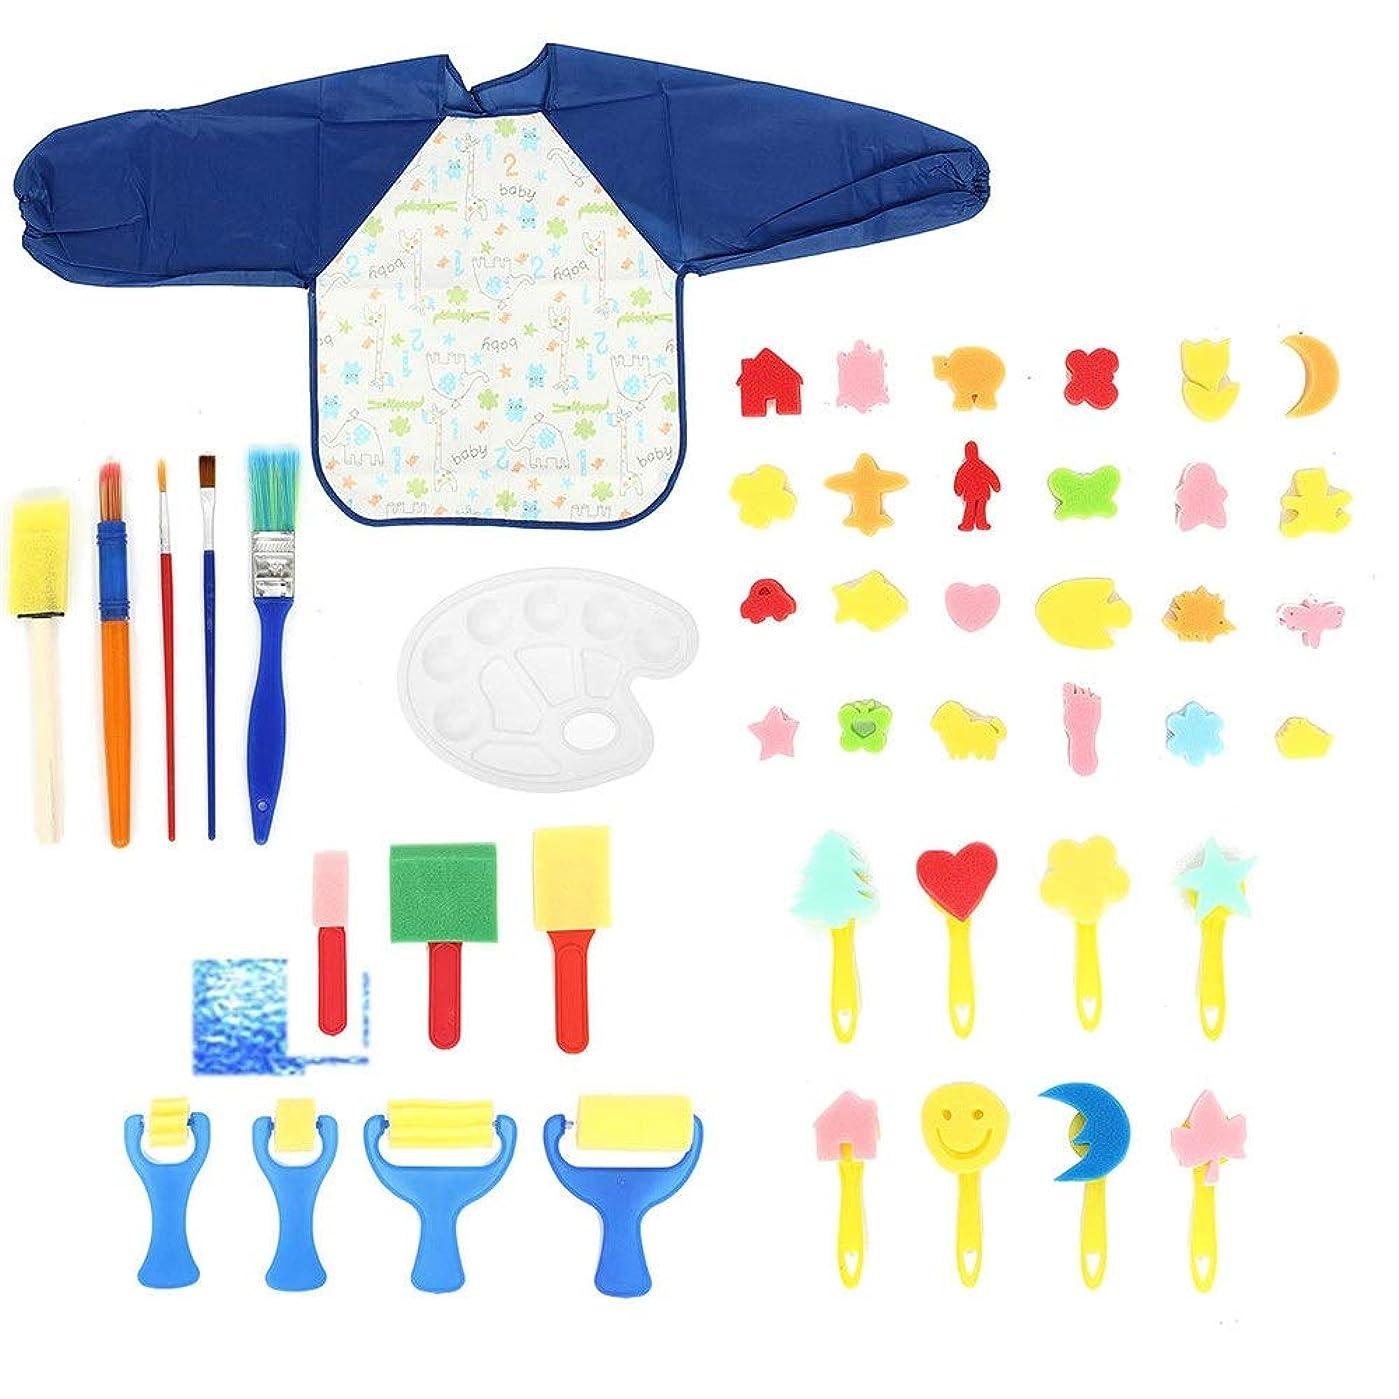 メロドラマティックに話す知覚するペイントブラシセット 46Pcsスポンジプラスチックのグラフィティドローイング子供のおもちゃ子供のブラシフラワー絵画描画ツール アーティストペイントブラシセット (色 : Multi-colored, Size : 46pcs)